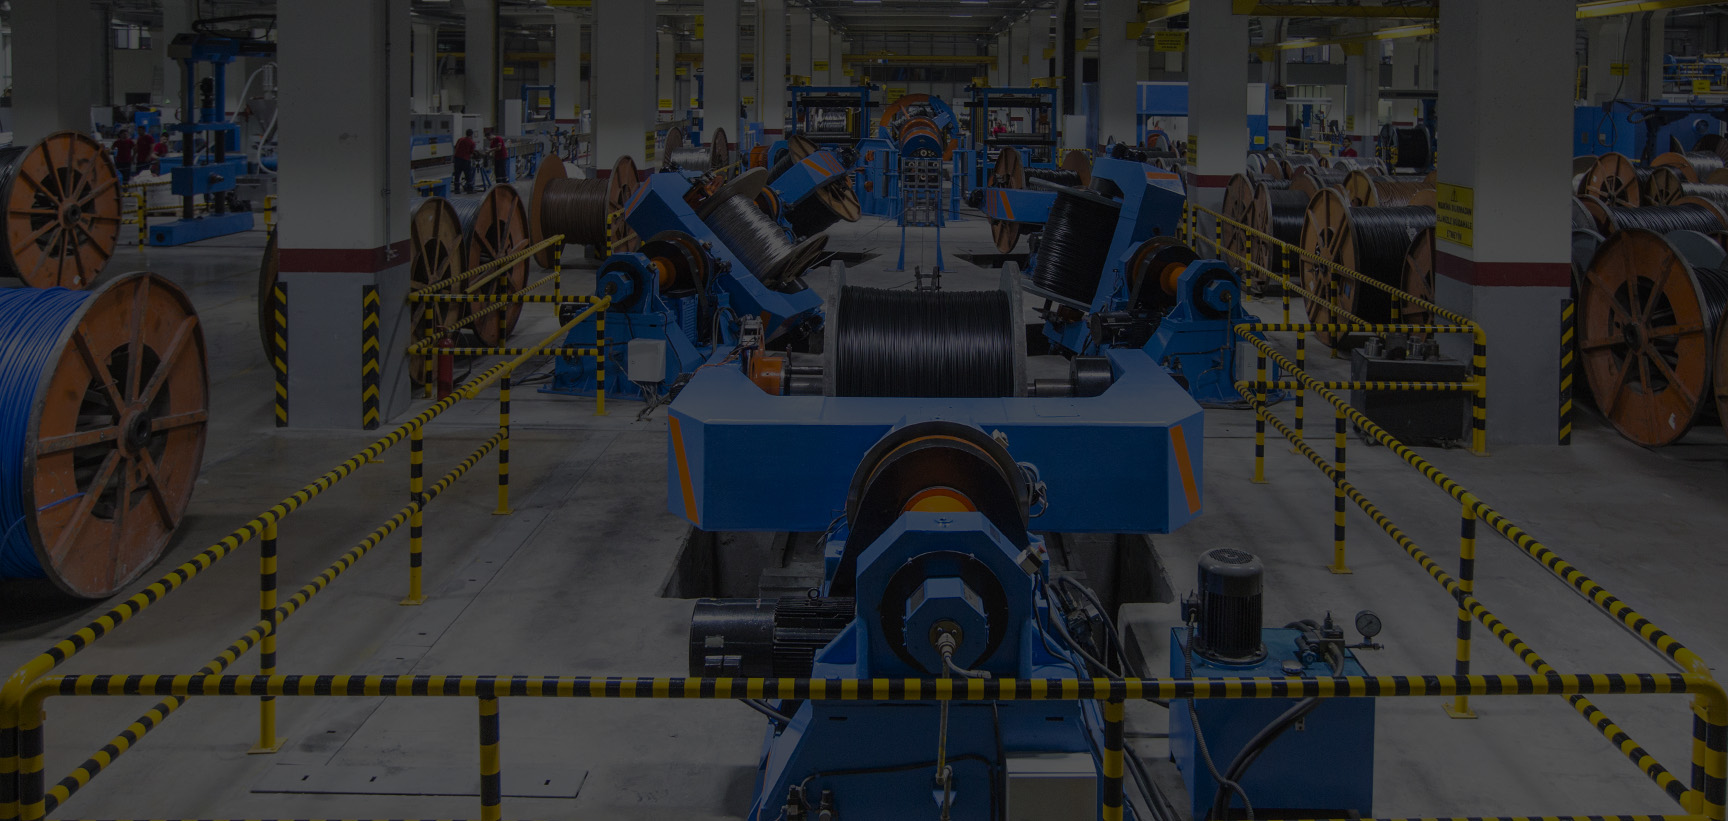 borsan kablo fabrikası ve üretim-tesisleri